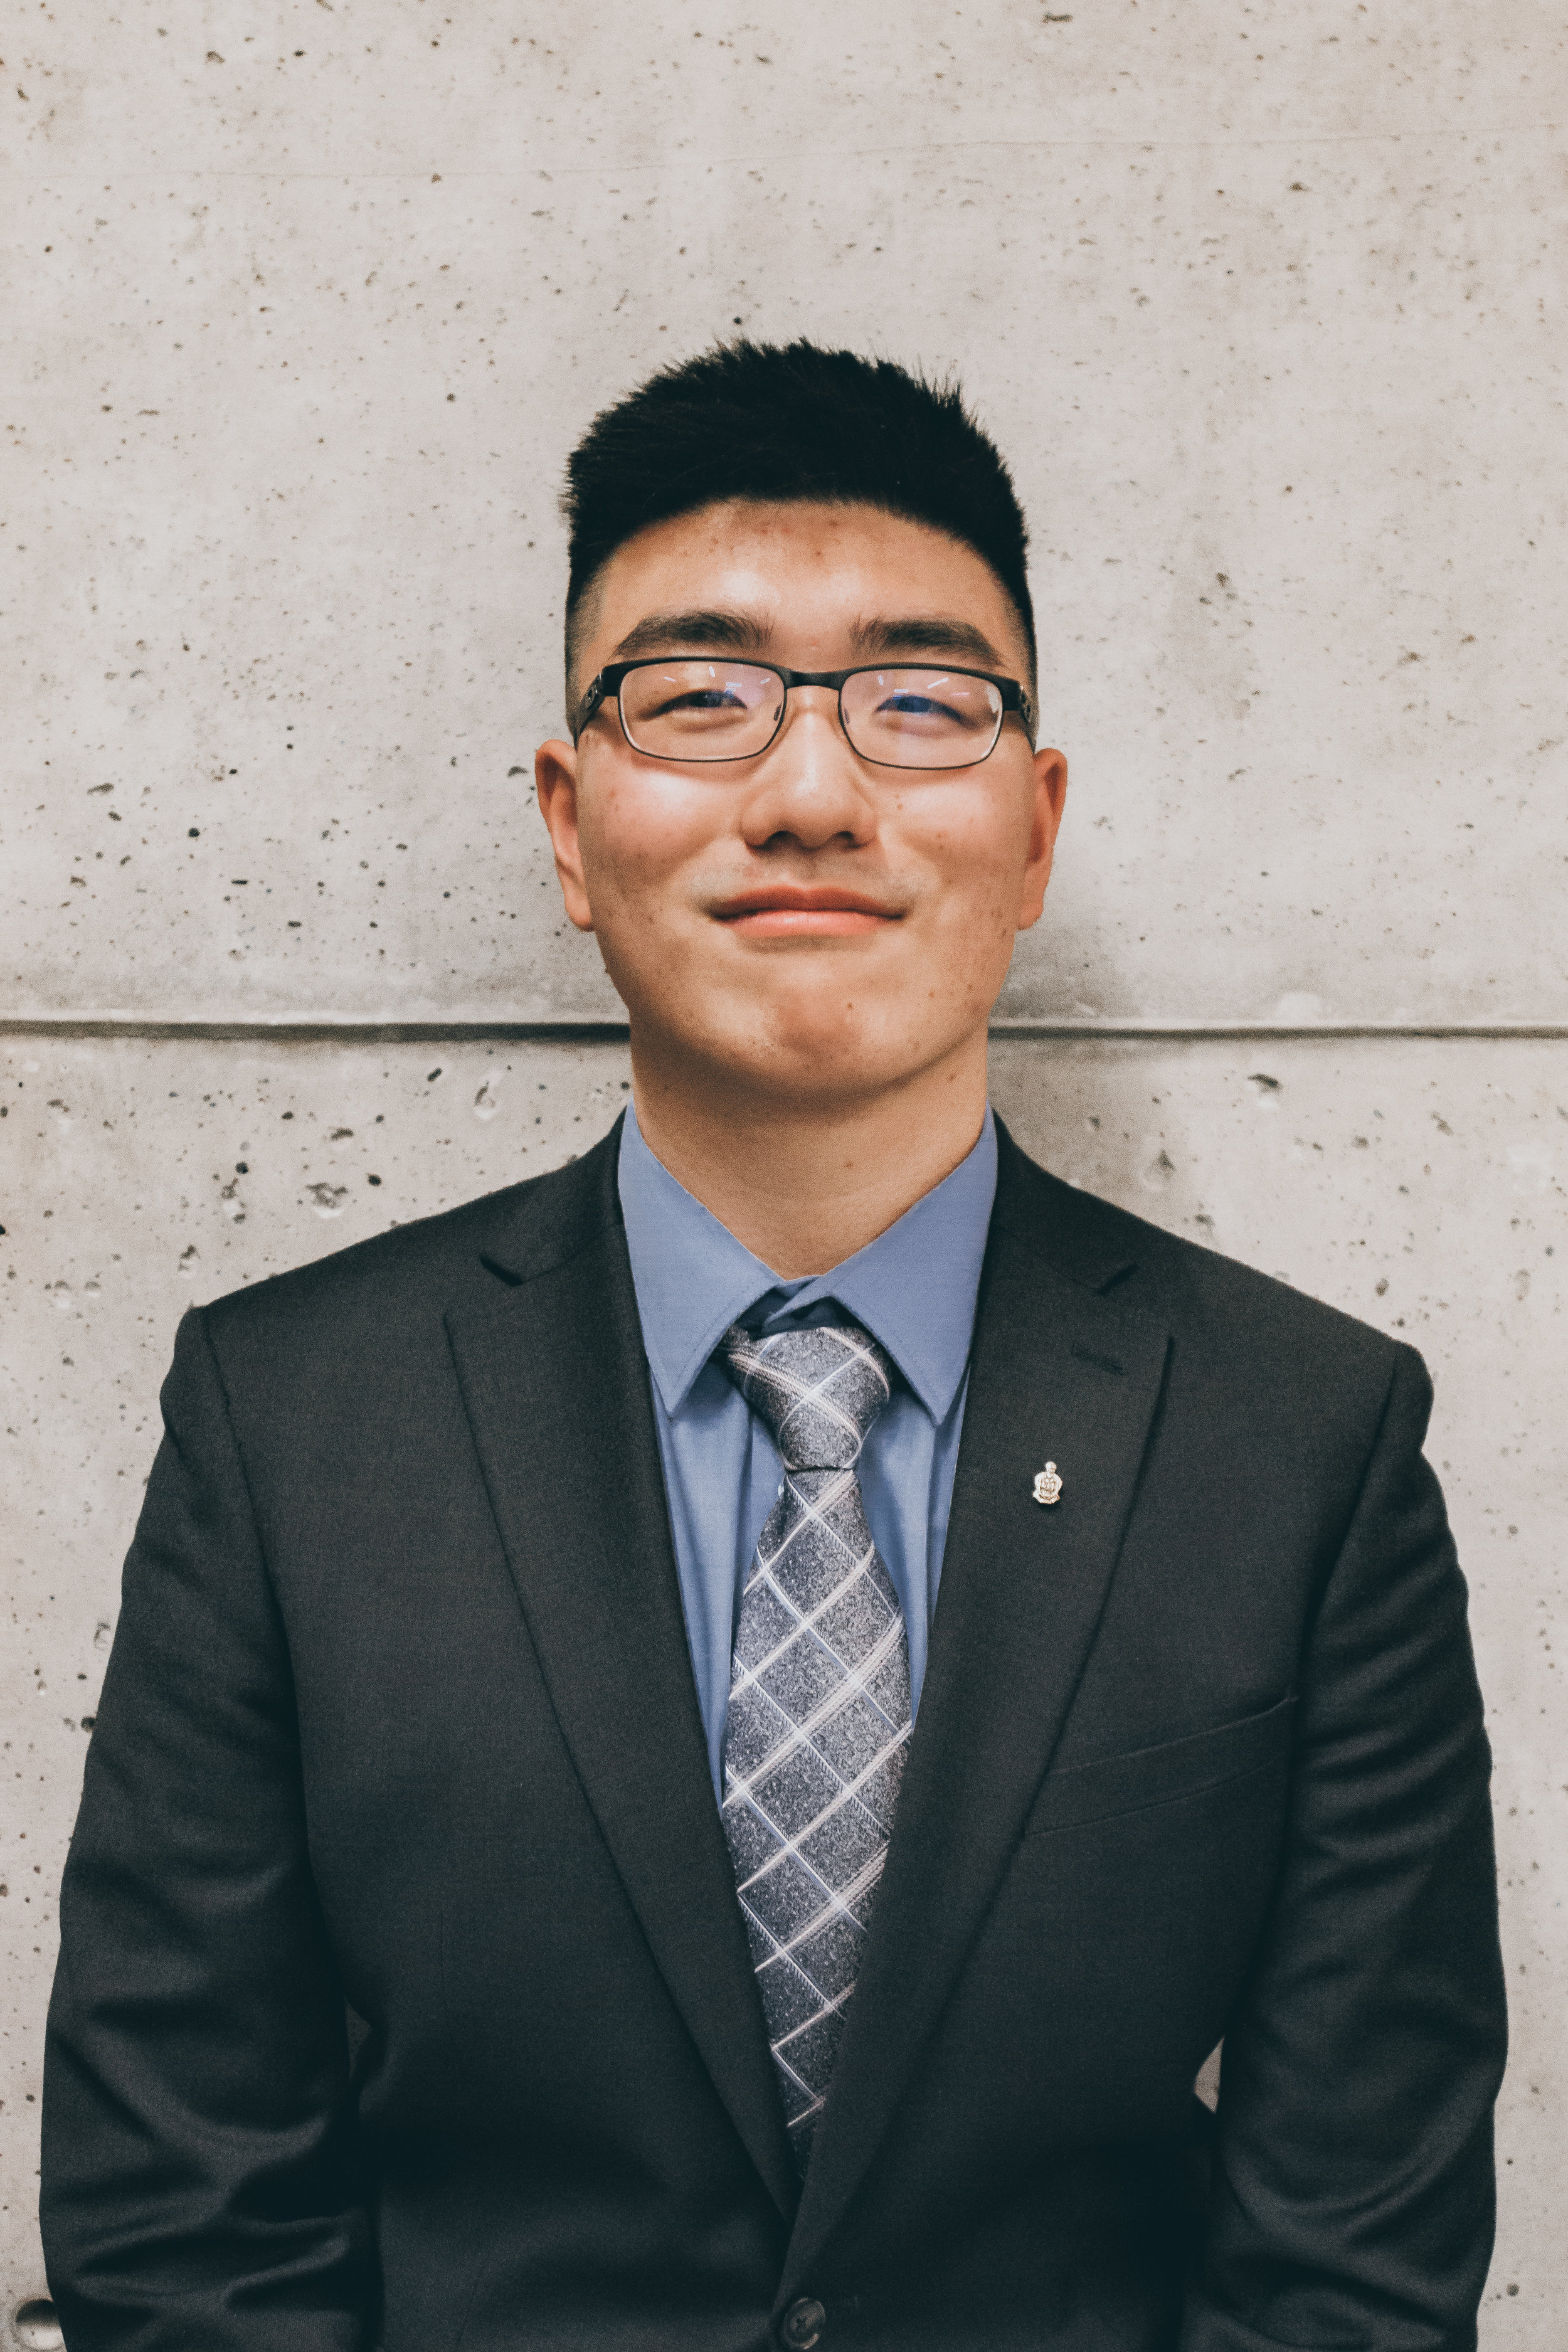 Zack Zhang